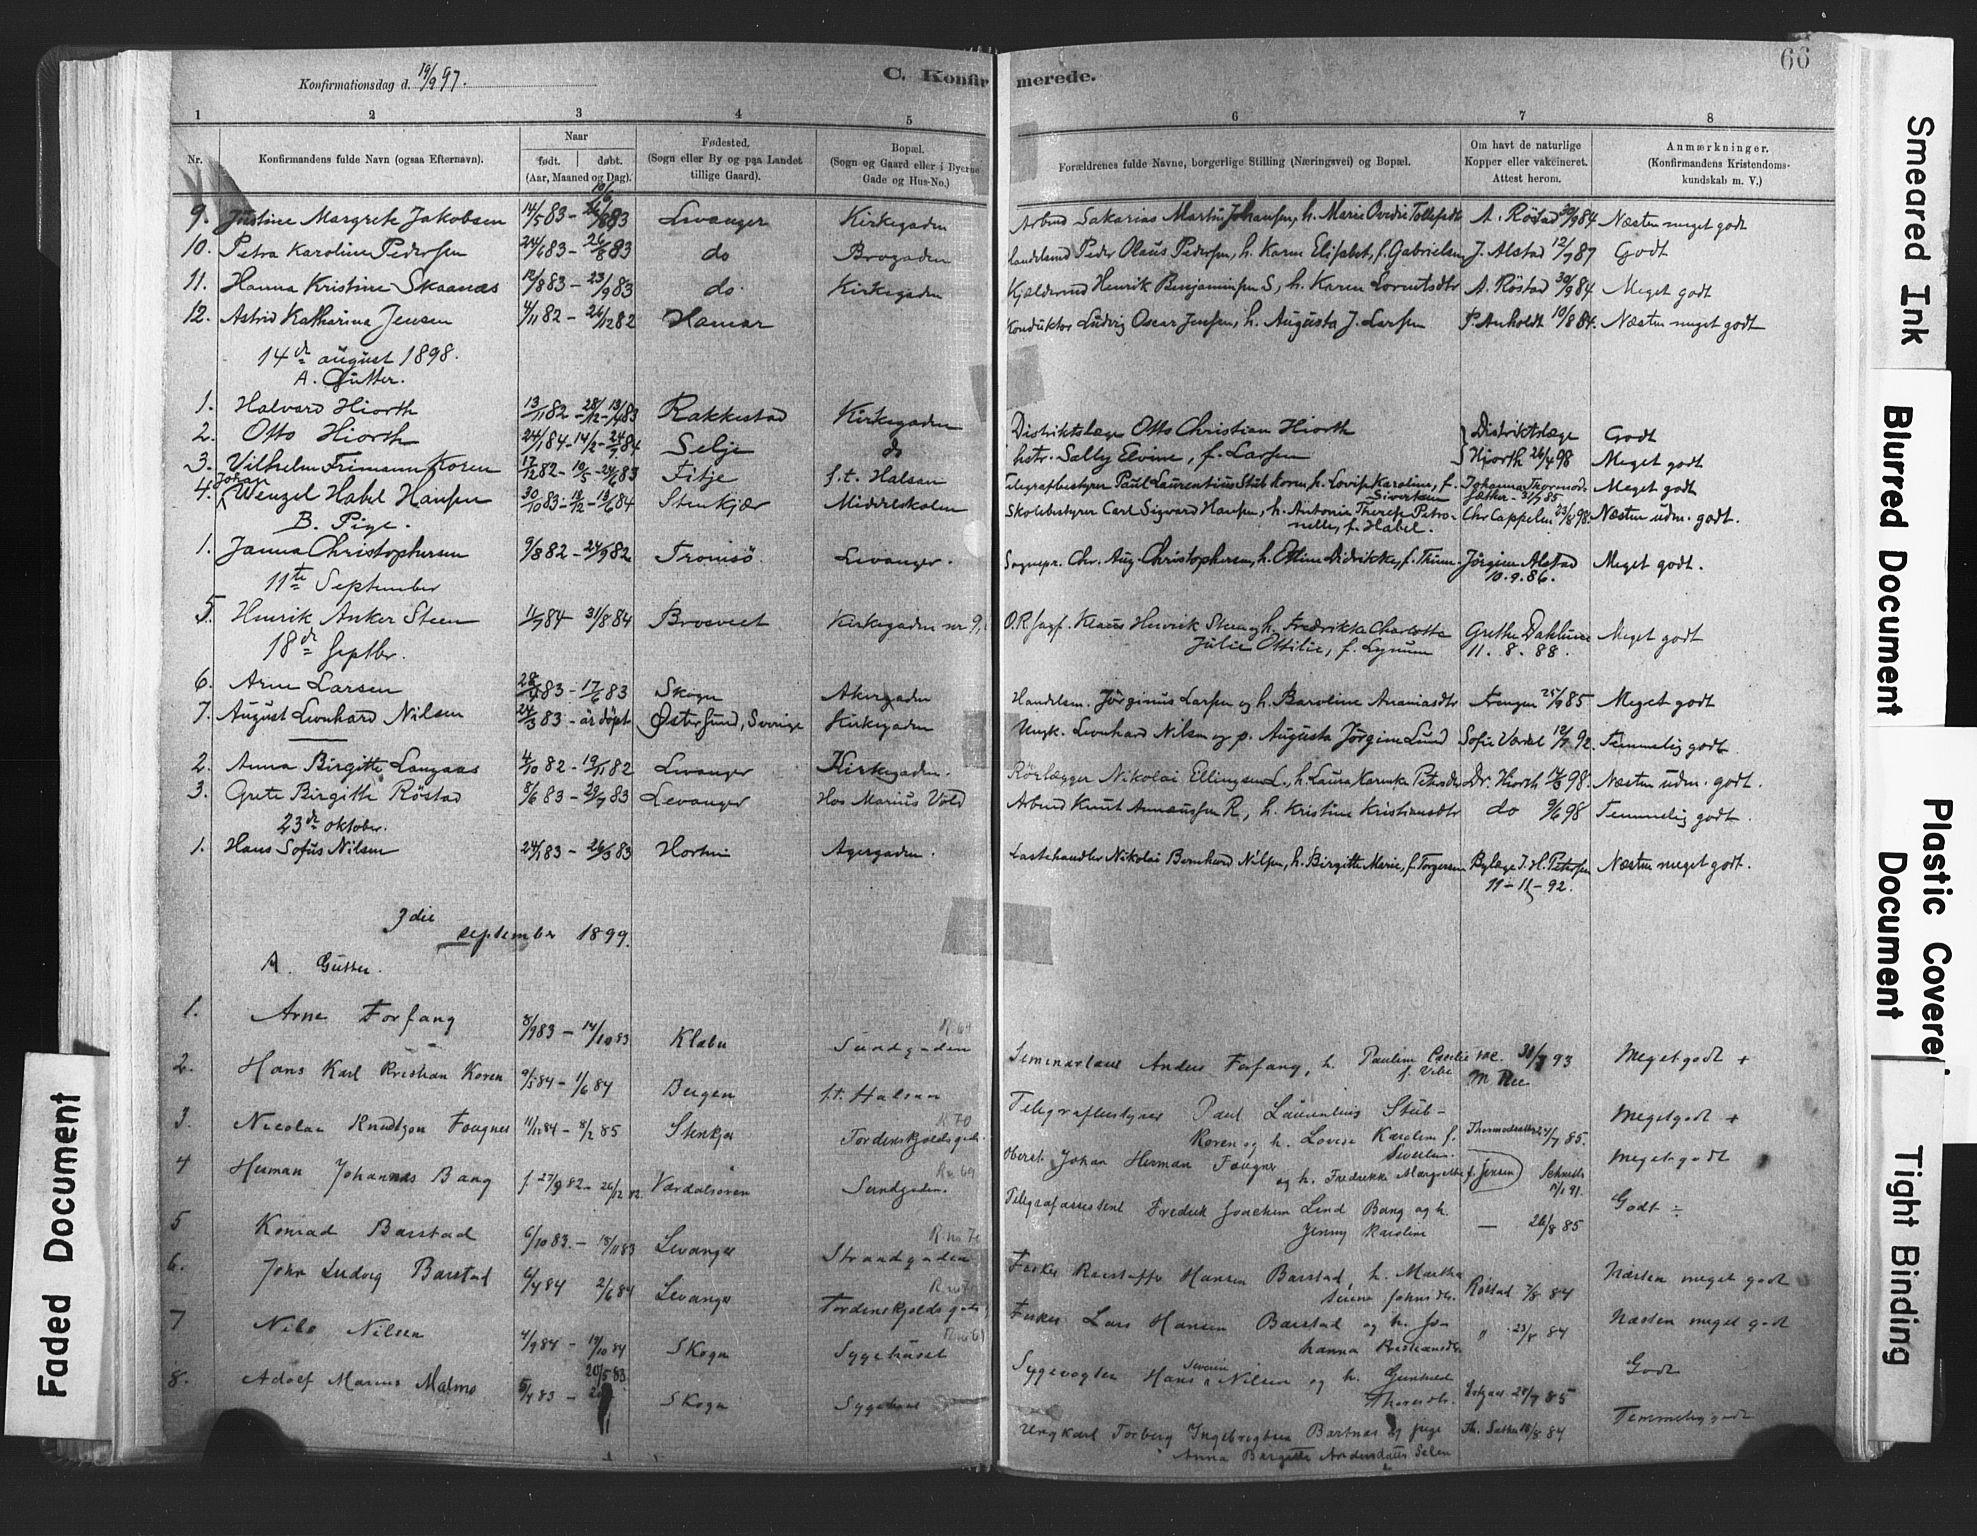 SAT, Ministerialprotokoller, klokkerbøker og fødselsregistre - Nord-Trøndelag, 720/L0189: Ministerialbok nr. 720A05, 1880-1911, s. 66